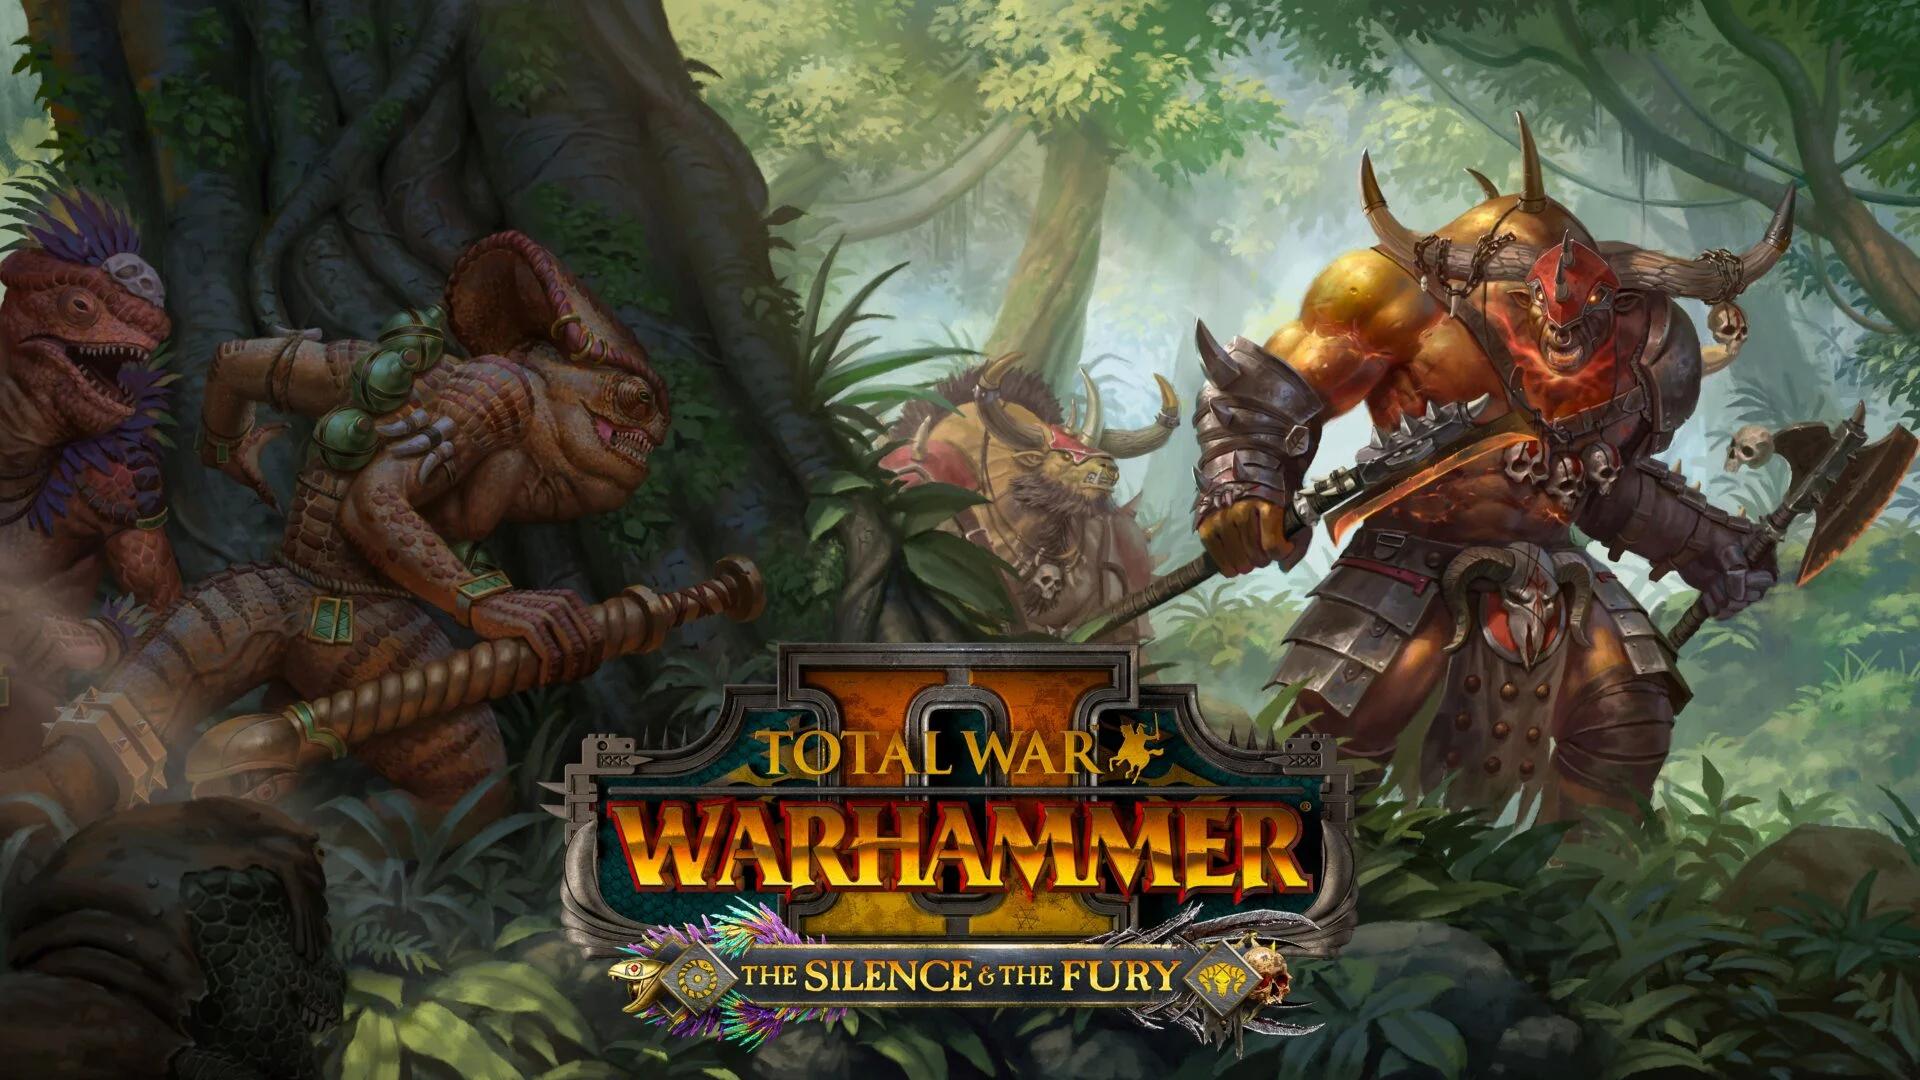 Total War: WARHAMMER II +The Silence & The Fury + ВСЕ DLC со скидкой, офлайн, активация, denuvo [Ручная активация Steam]